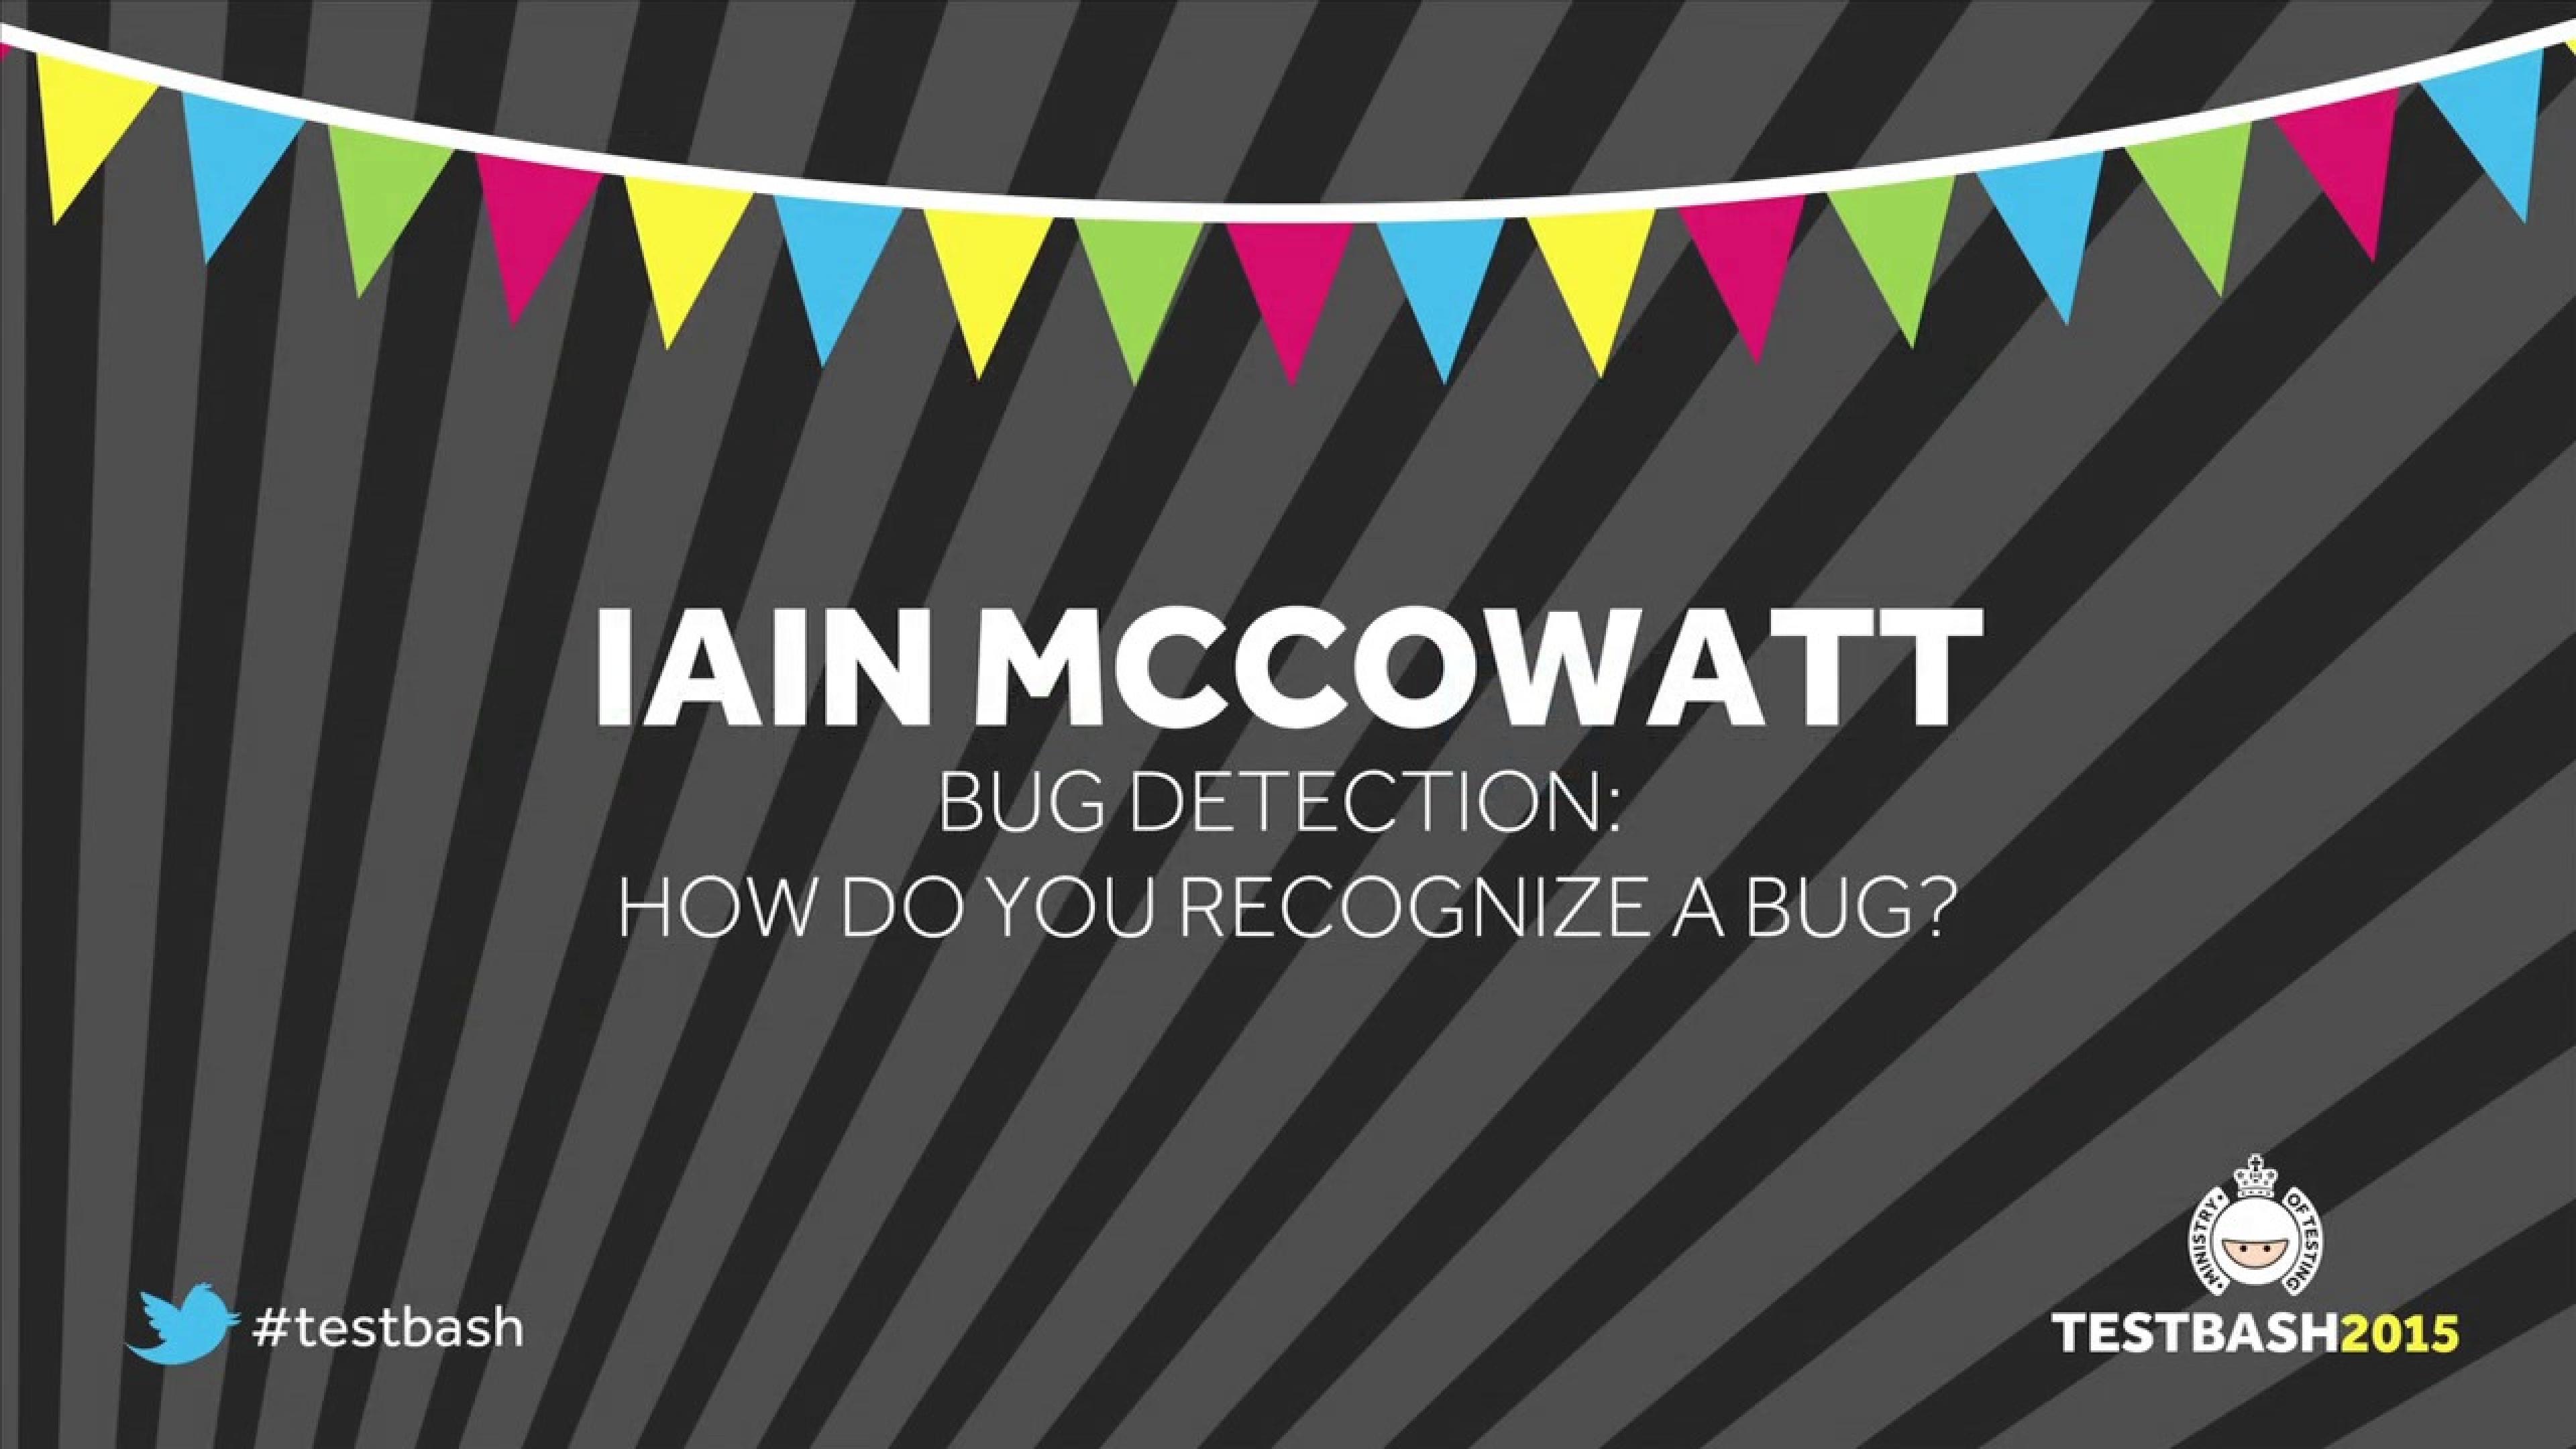 Bug Detection - Iain McCowatt